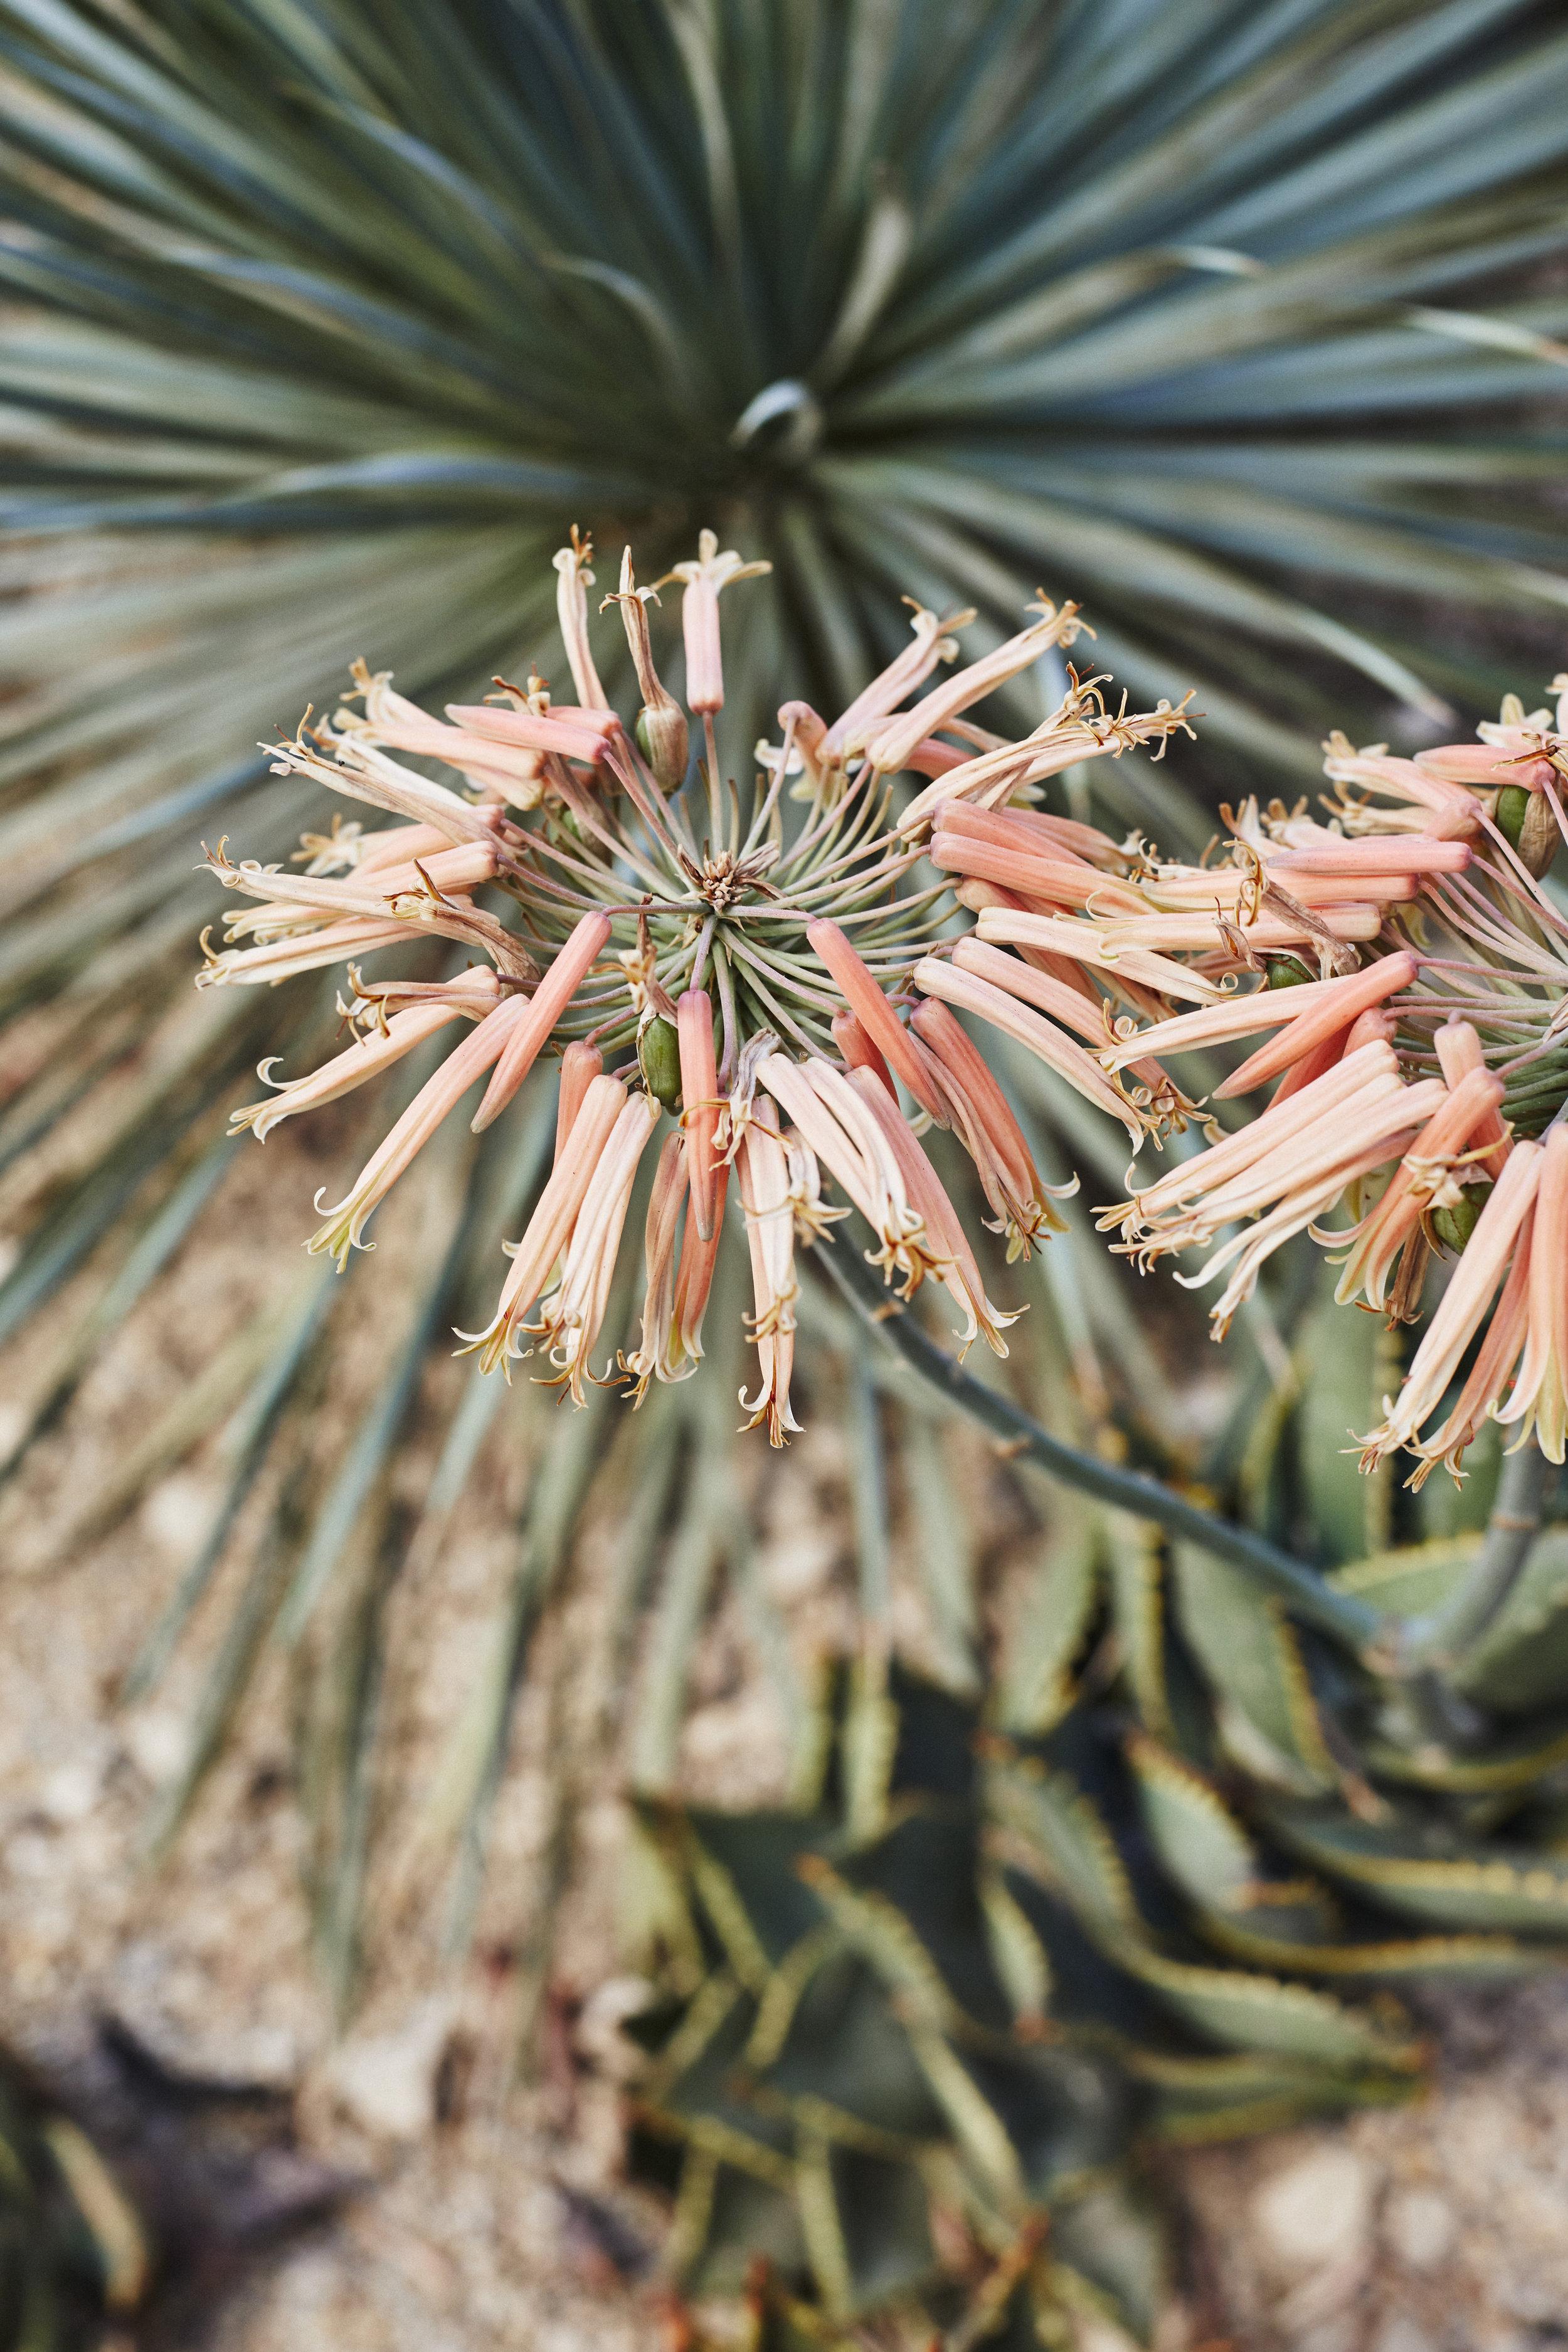 El_Centro_Cactus_Garden_SHOT_06_008.jpg